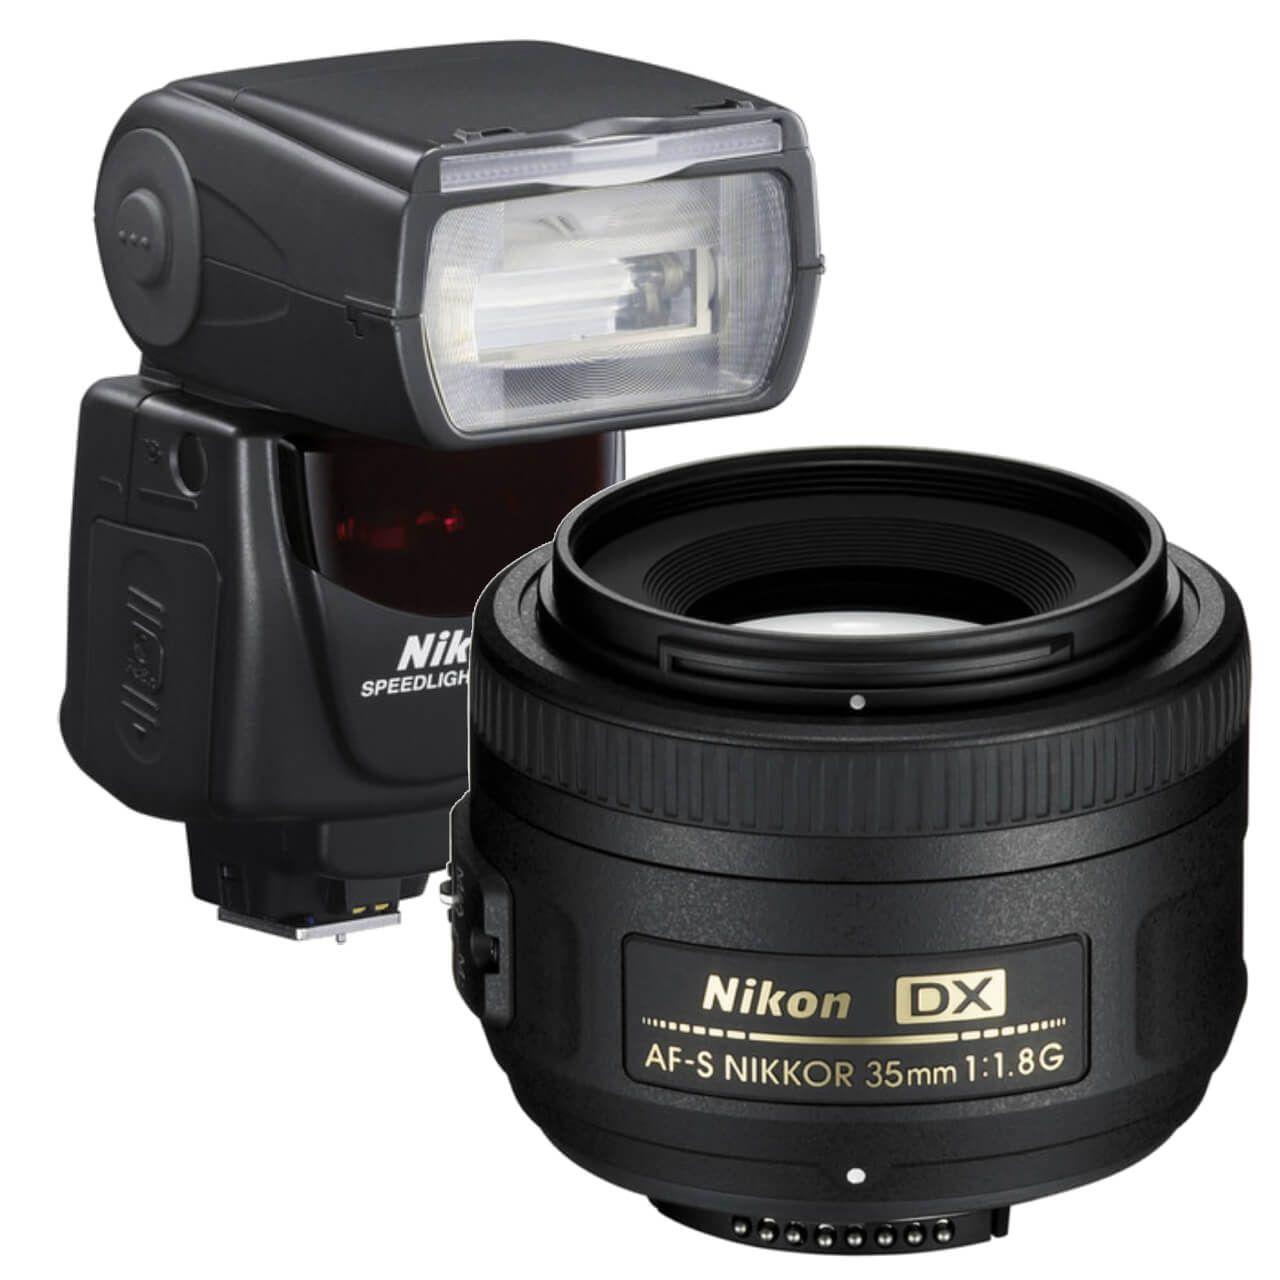 Nikon DX 35mm Lens & Flash Kit